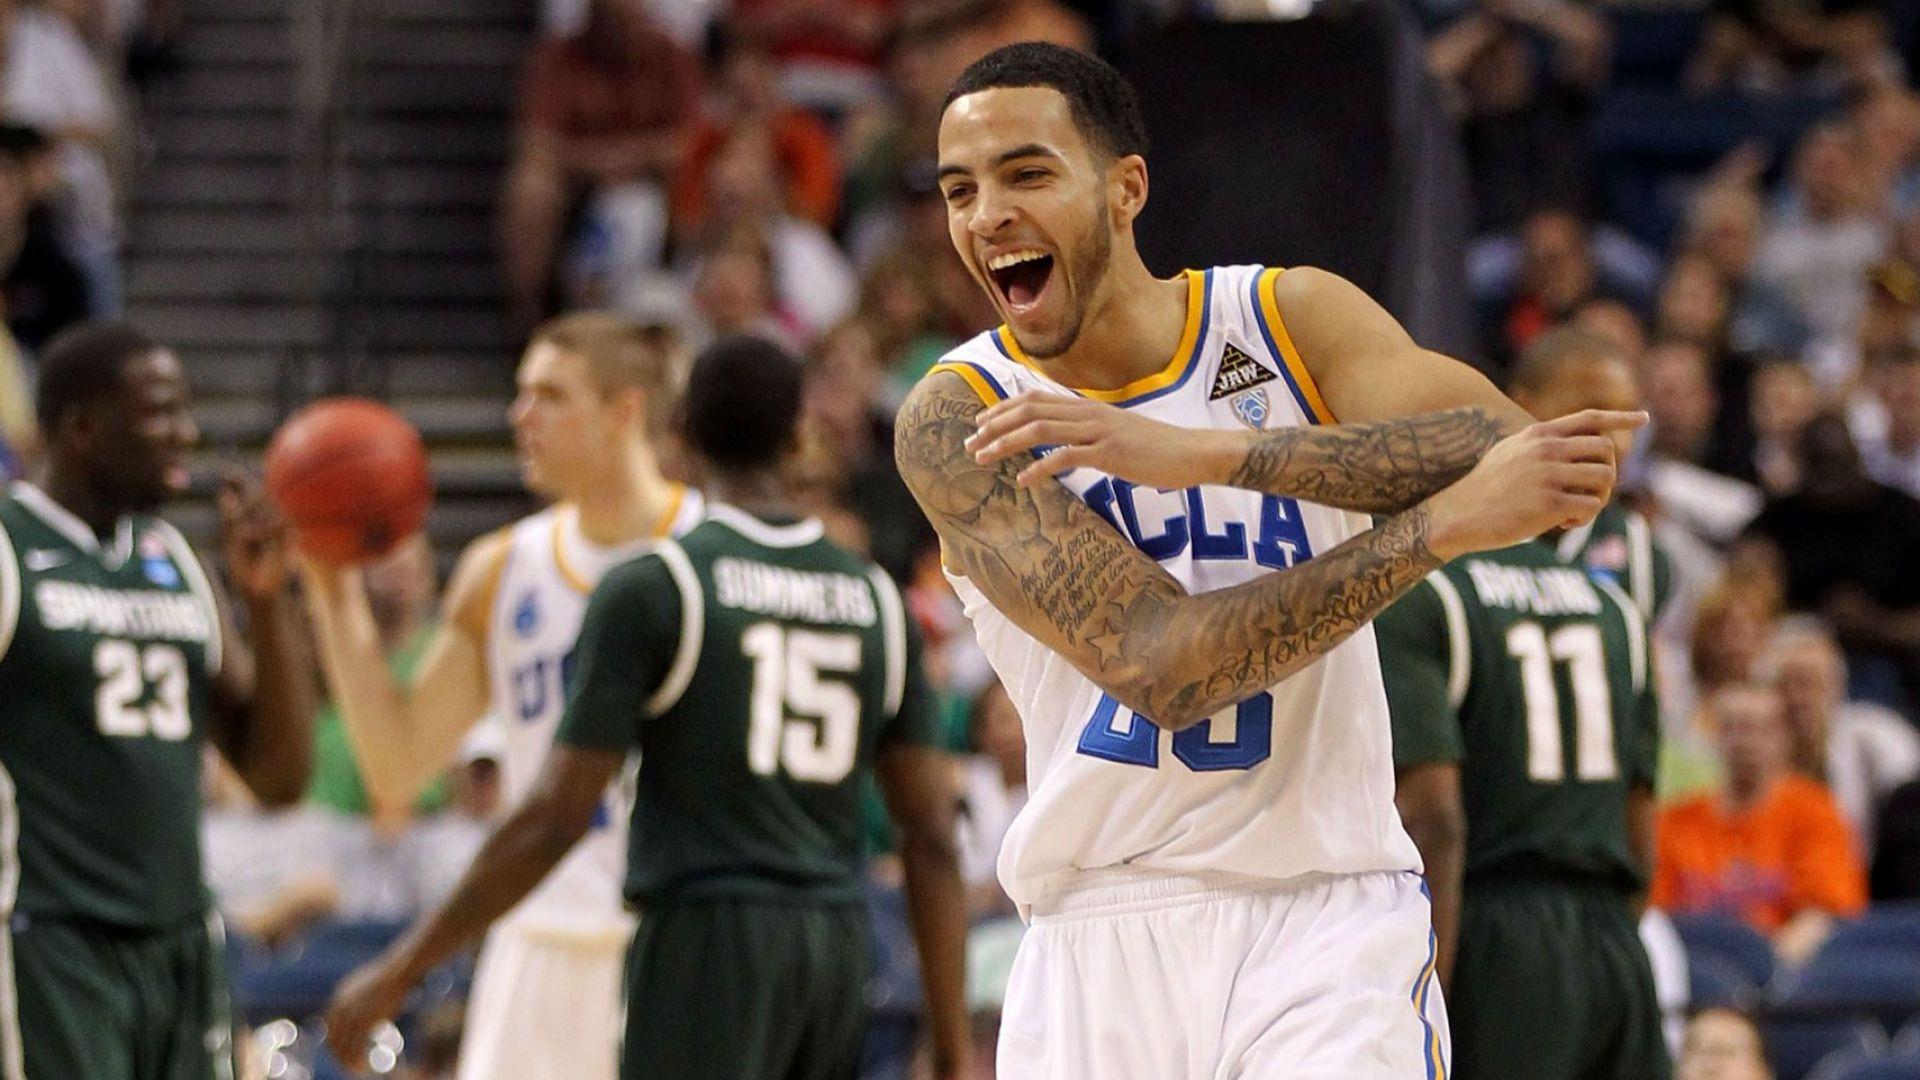 Бивш играч от НБА загина при престрелка с полицията